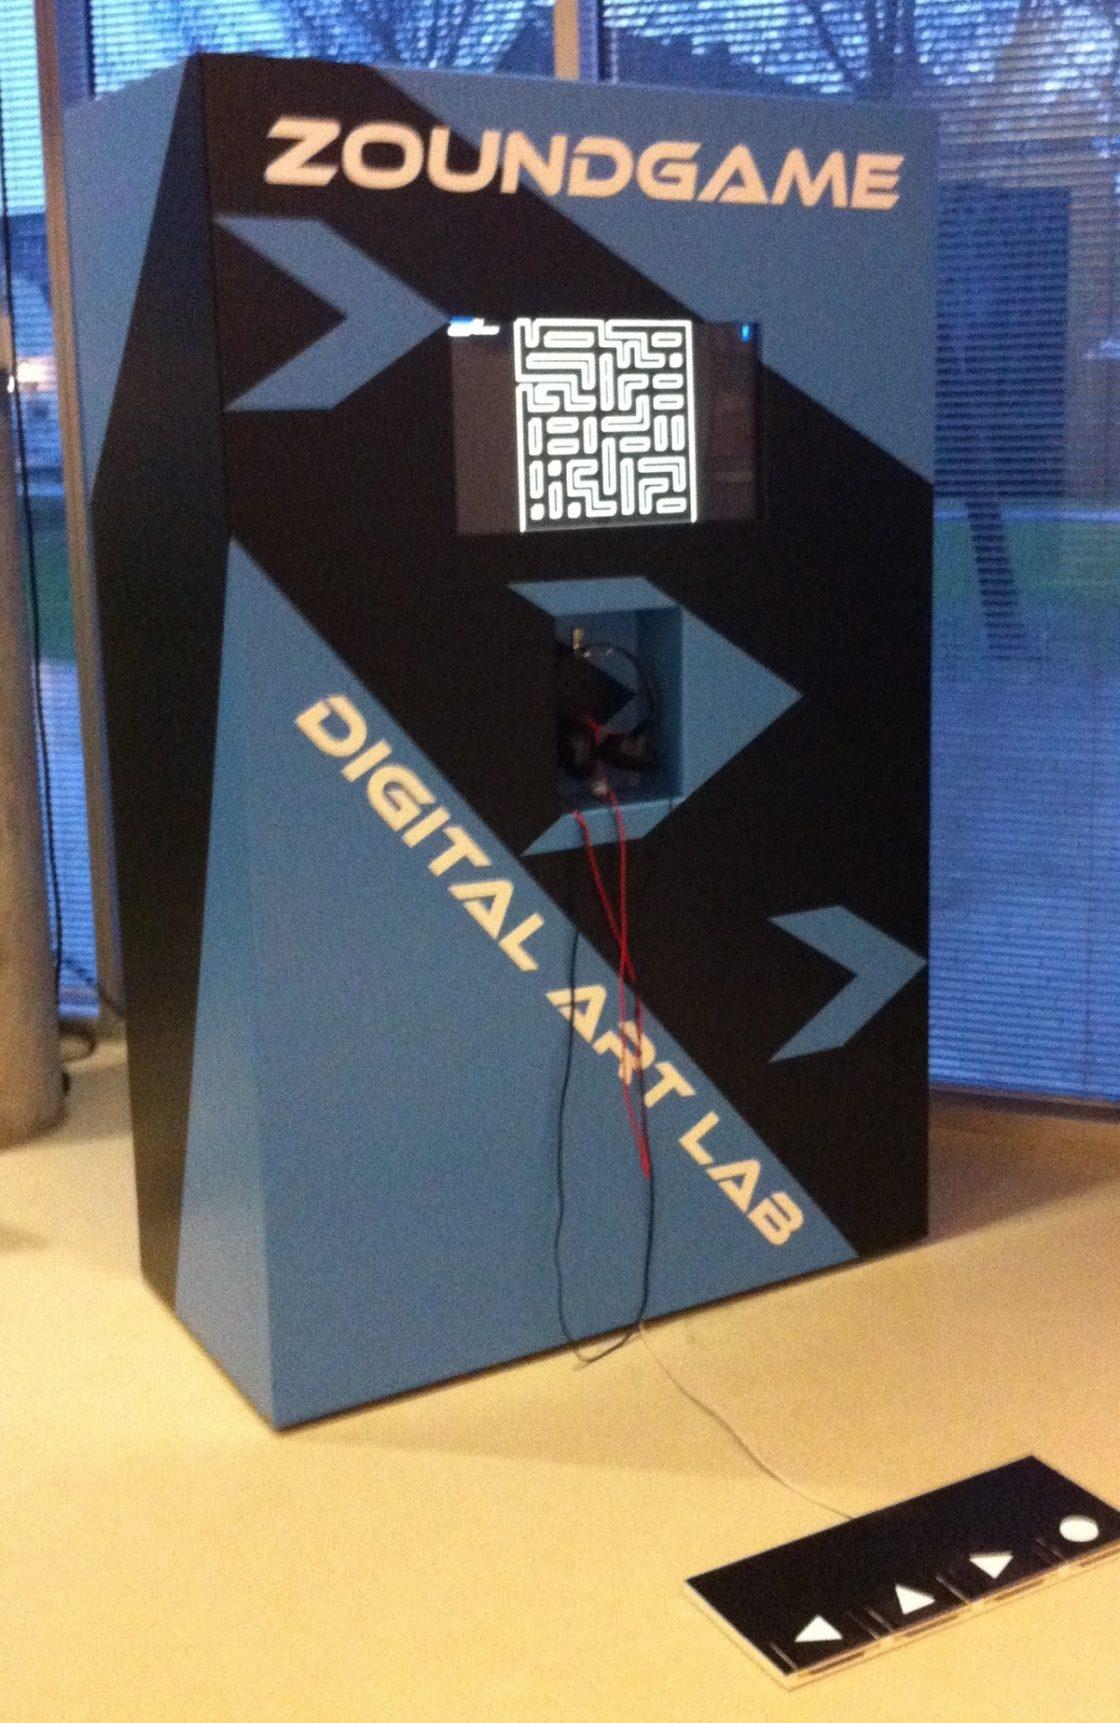 Blauw zwarte arcade kast van Sound Game project